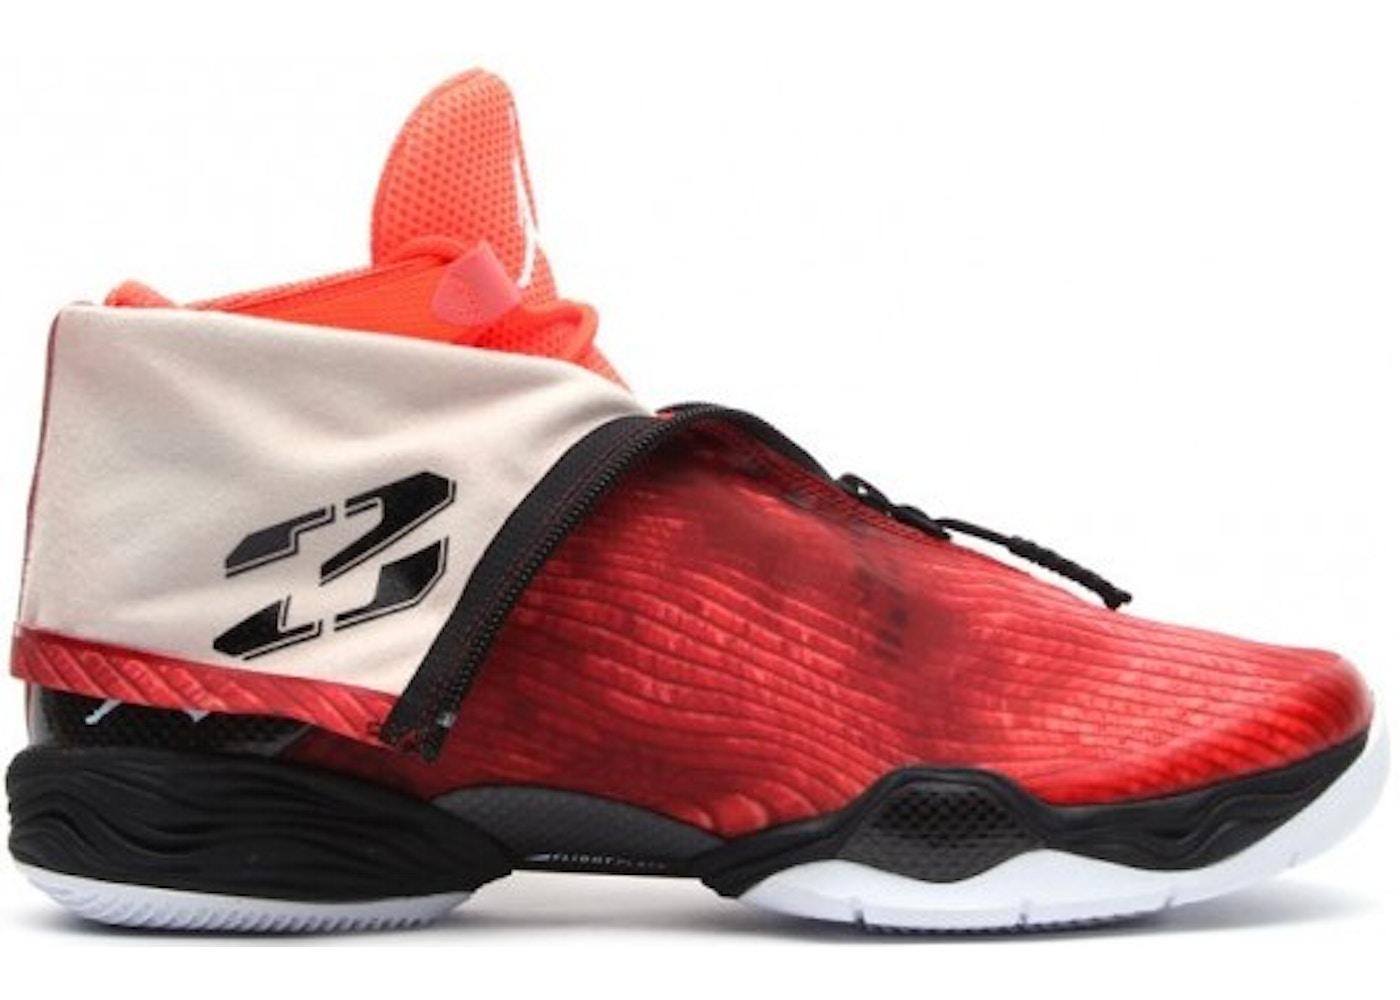 Jordan XX8 Red Camo